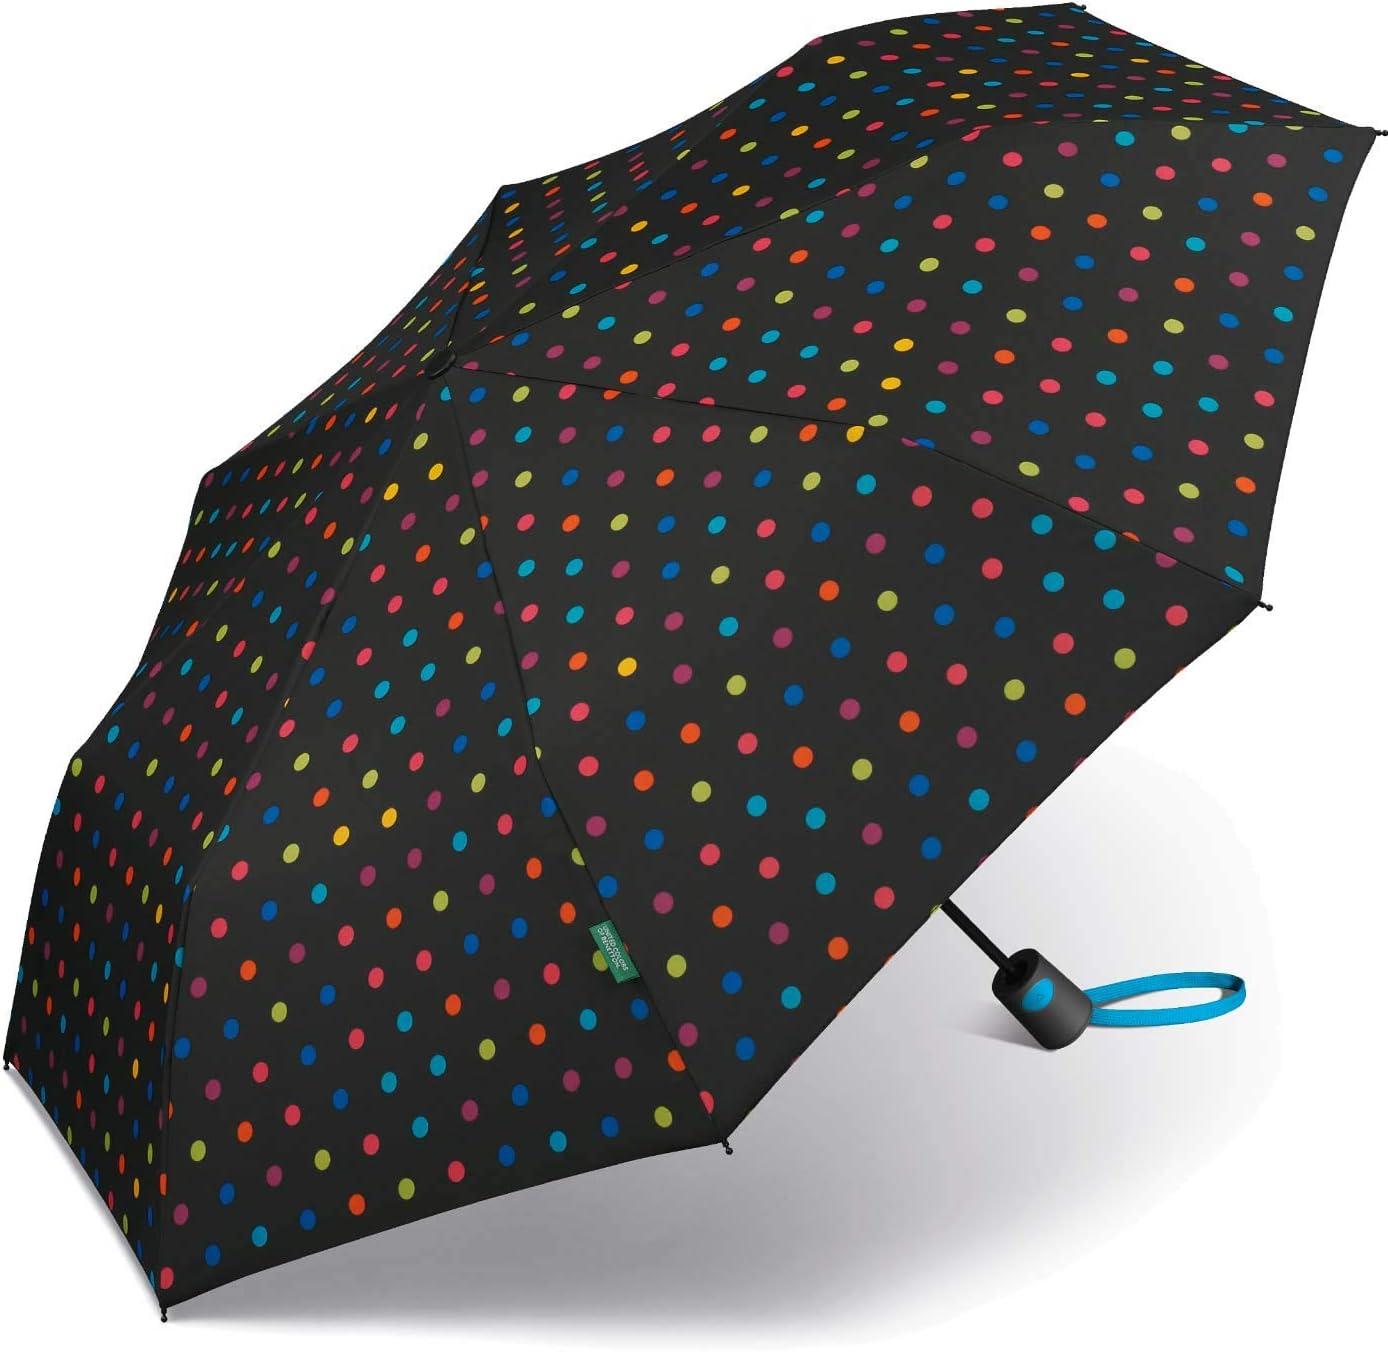 Paraguas Mini Mujer Autom/ático United Colors of Benetton Negro con Topos Multicolores 95 cm de di/ámetro. Ocho Varillas